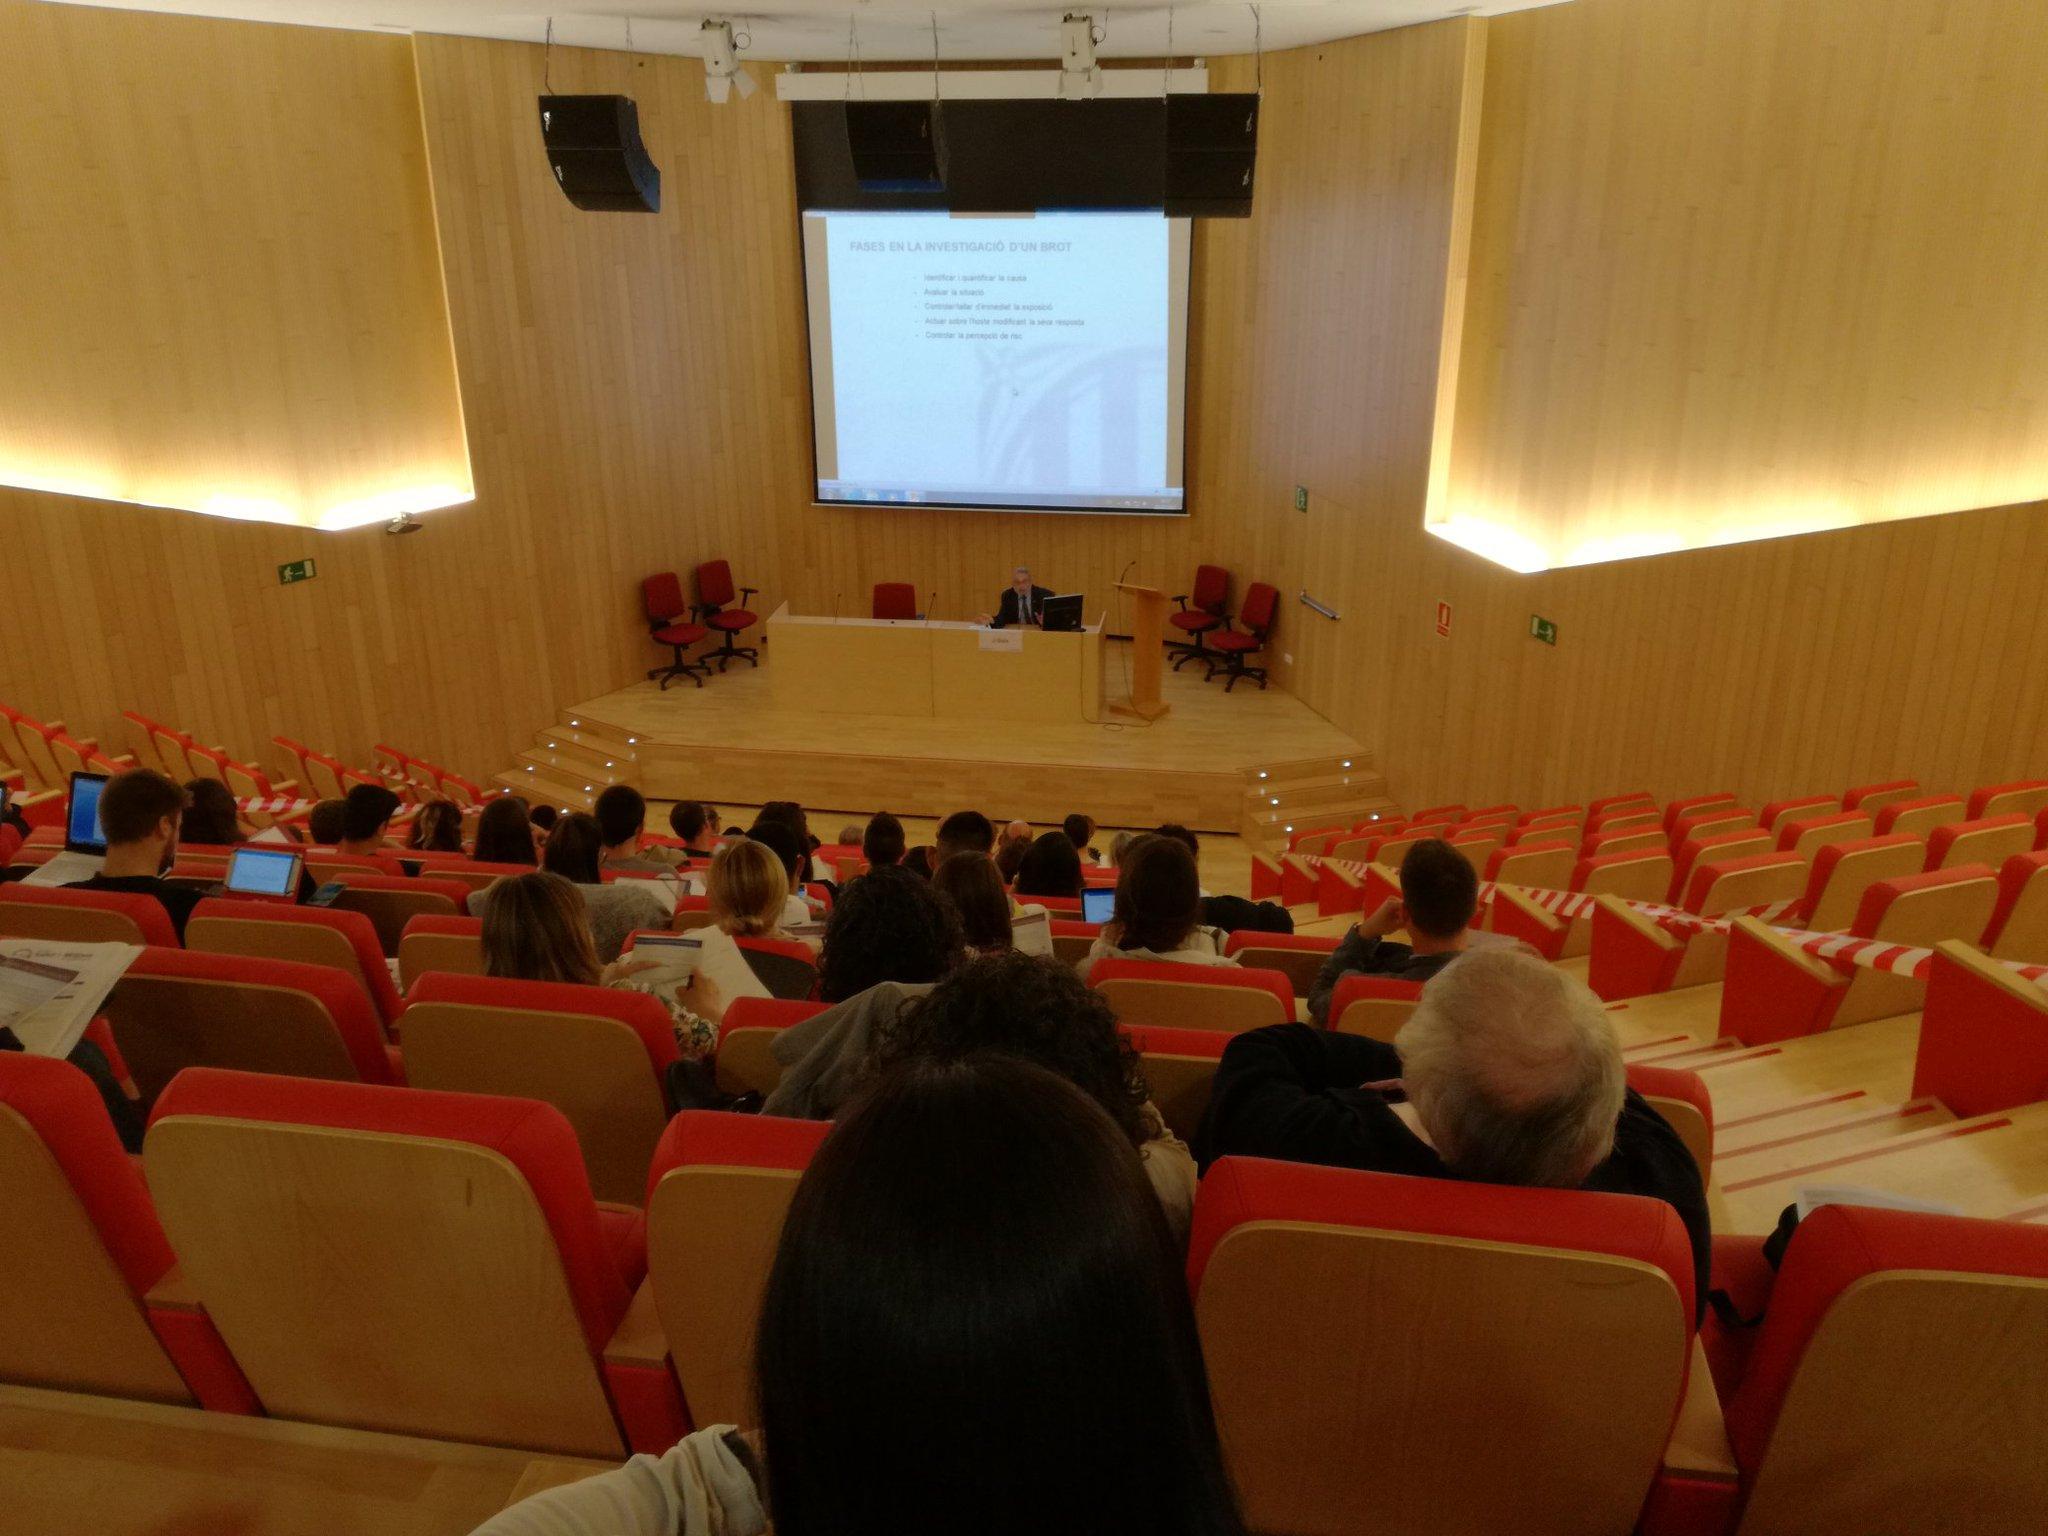 El Dr. Joan Guix primer ponent a la #jornadasalutmitjansreus https://t.co/3ZfEThHKmZ